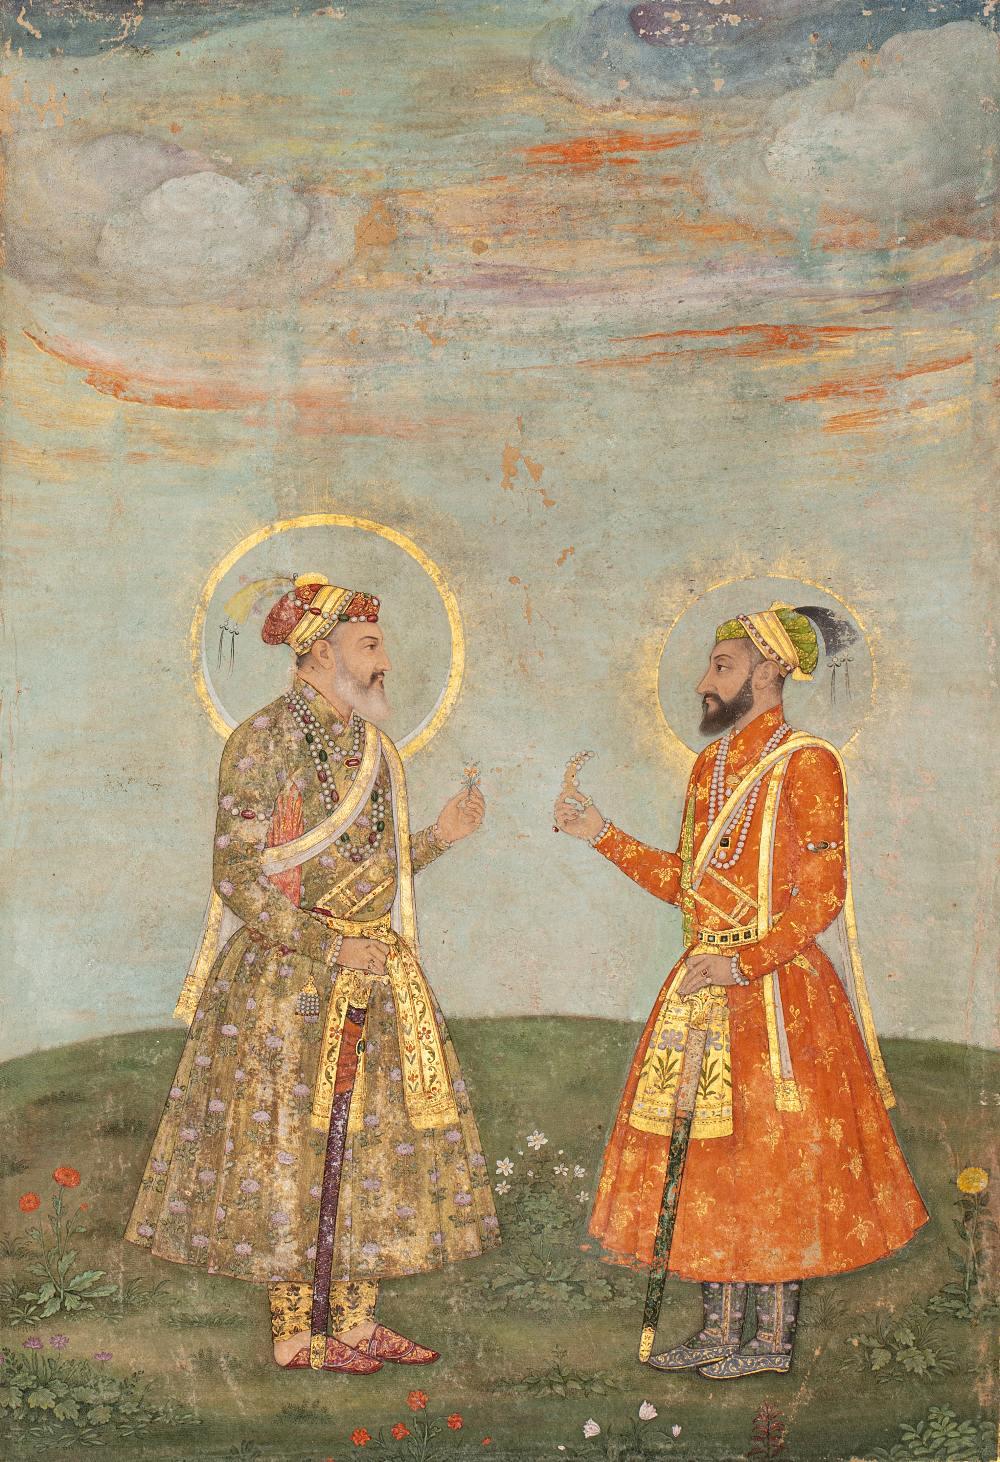 Double portrait de Shah Jahan et Aurengzeb-AlamguirDouble portrait de Shah Jahan (r.1628-1658) et - Image 3 of 8